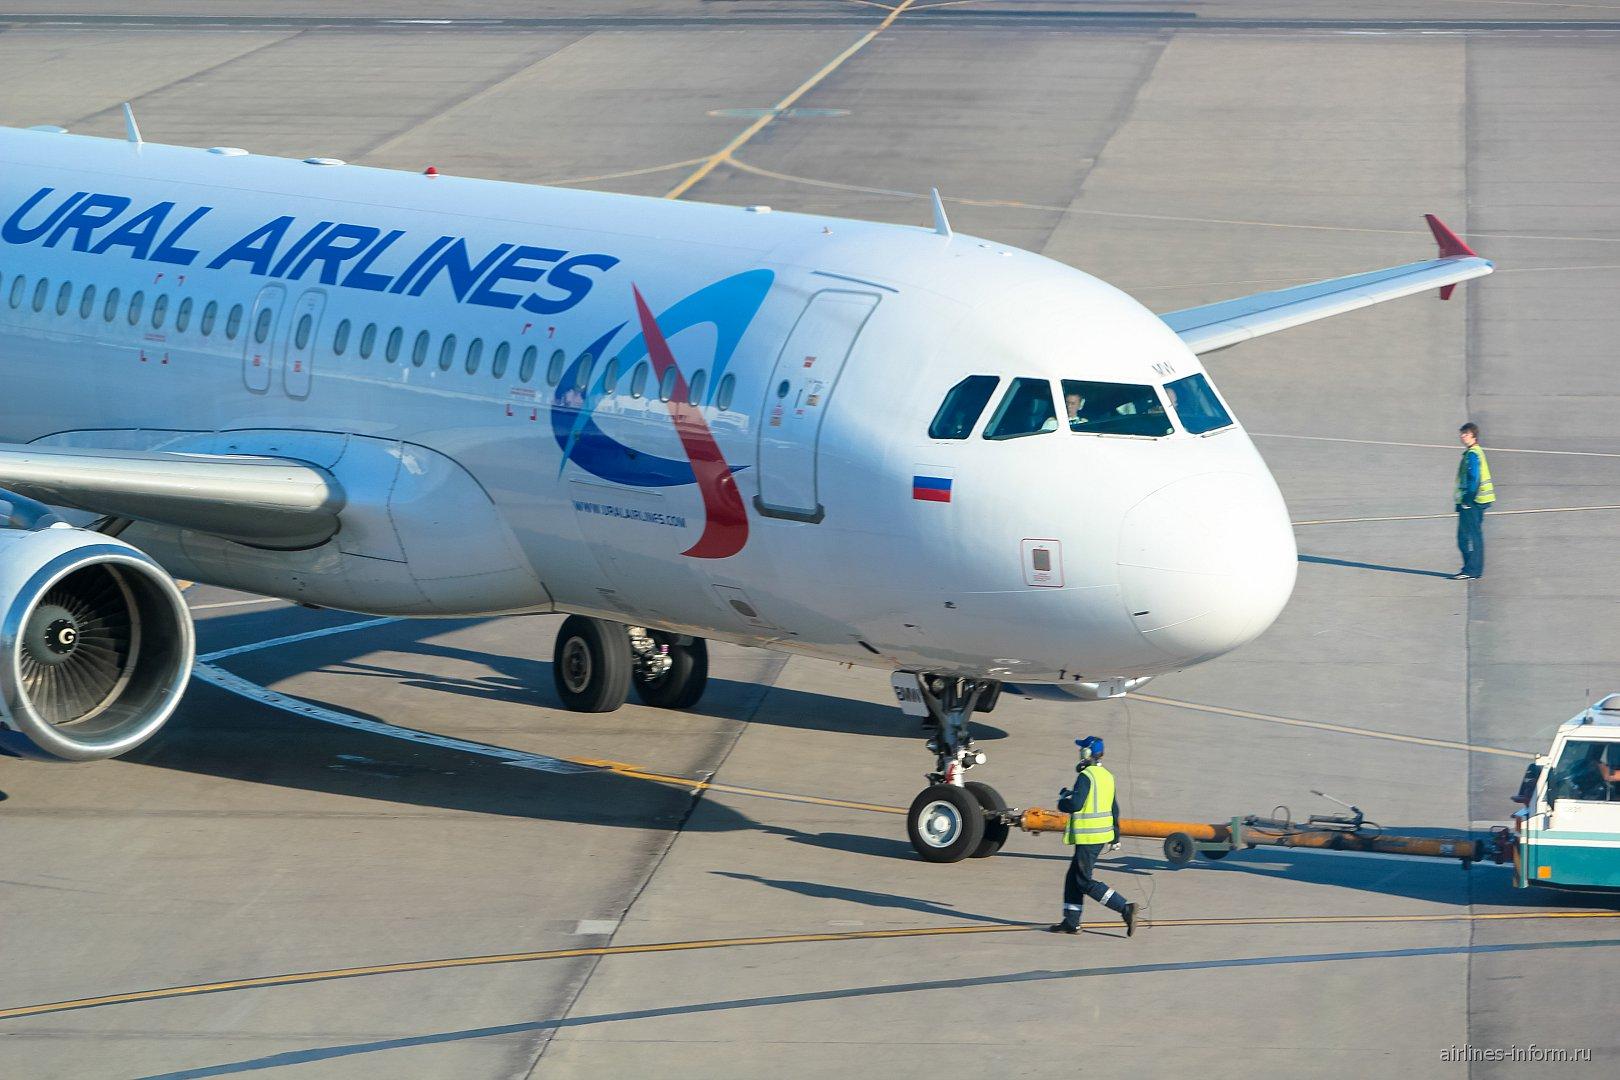 Airbus A320 Уральских авиалиний в аэропорту Домодедово